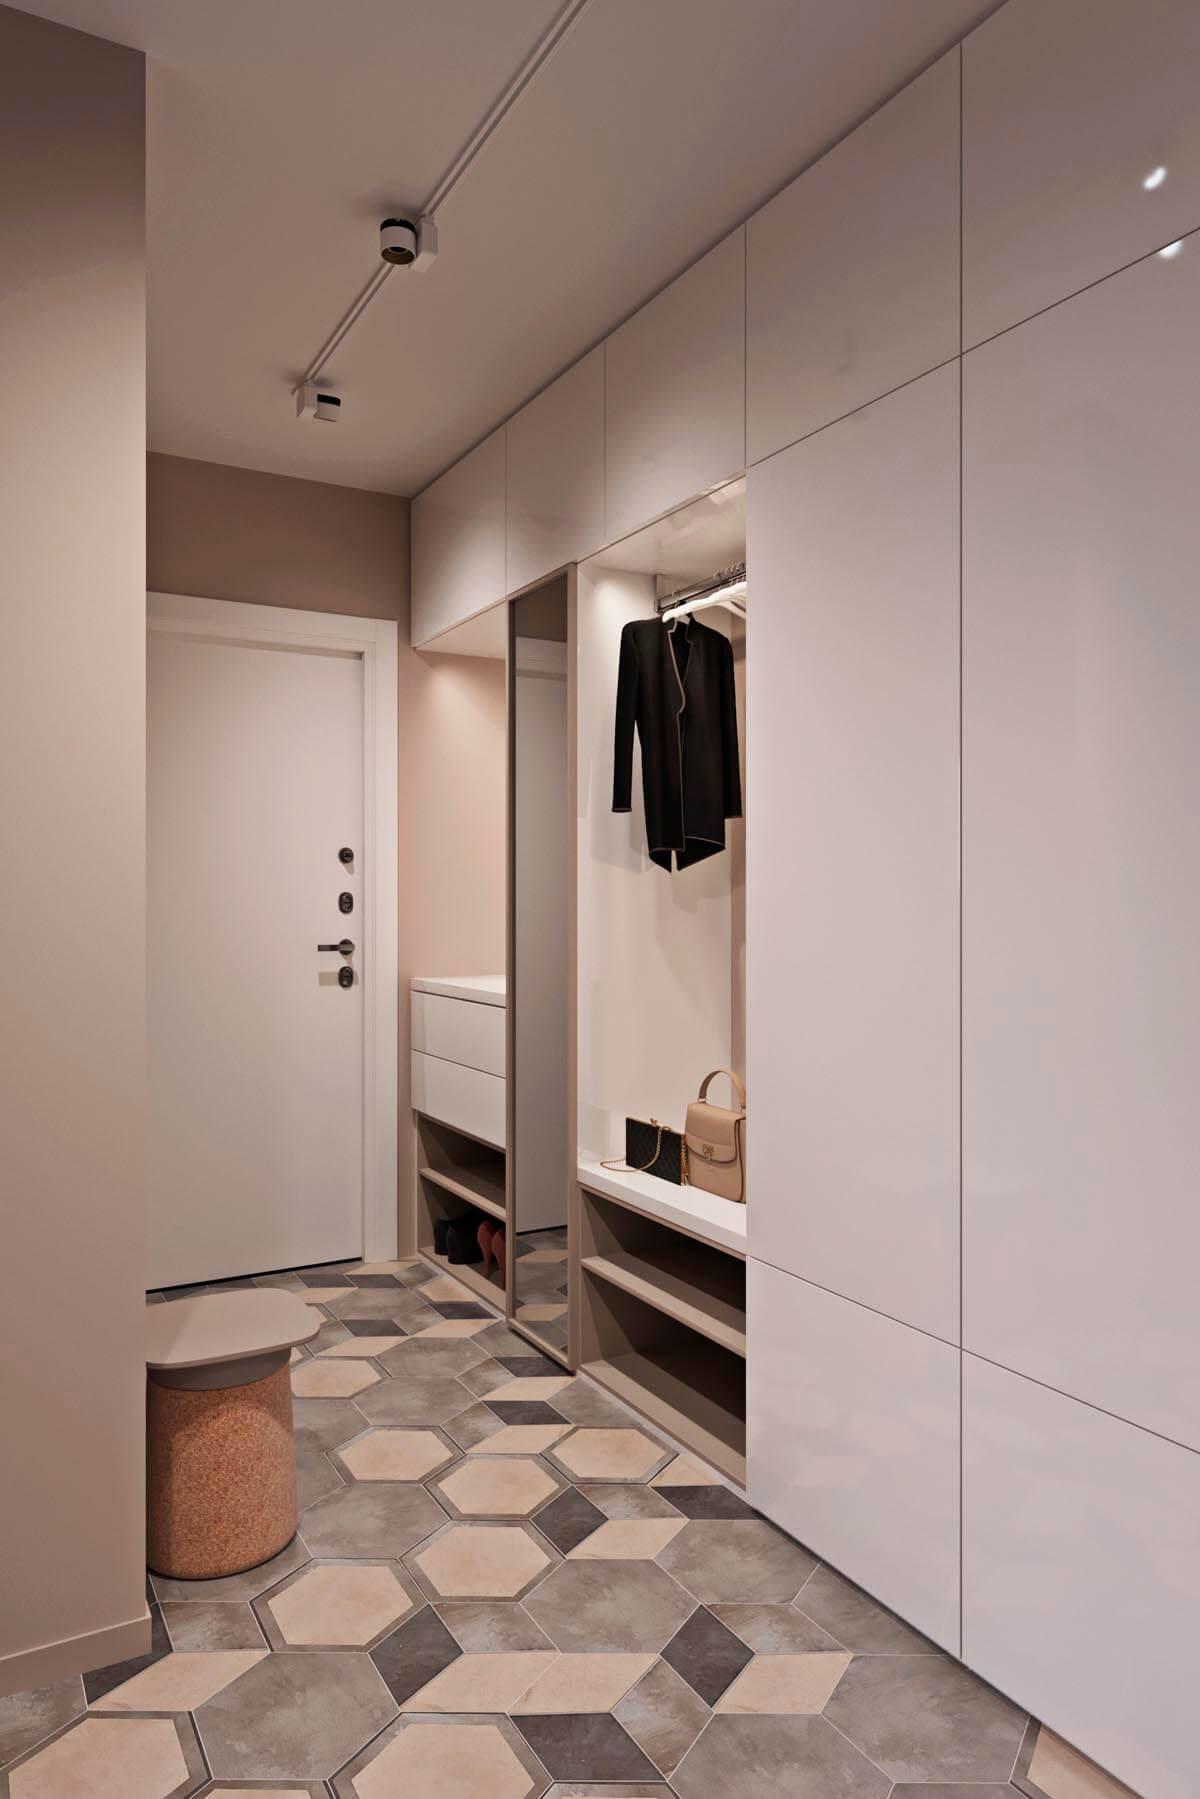 mẫu thiết kế căn hộ chung cư 60m2 sang trọng 8